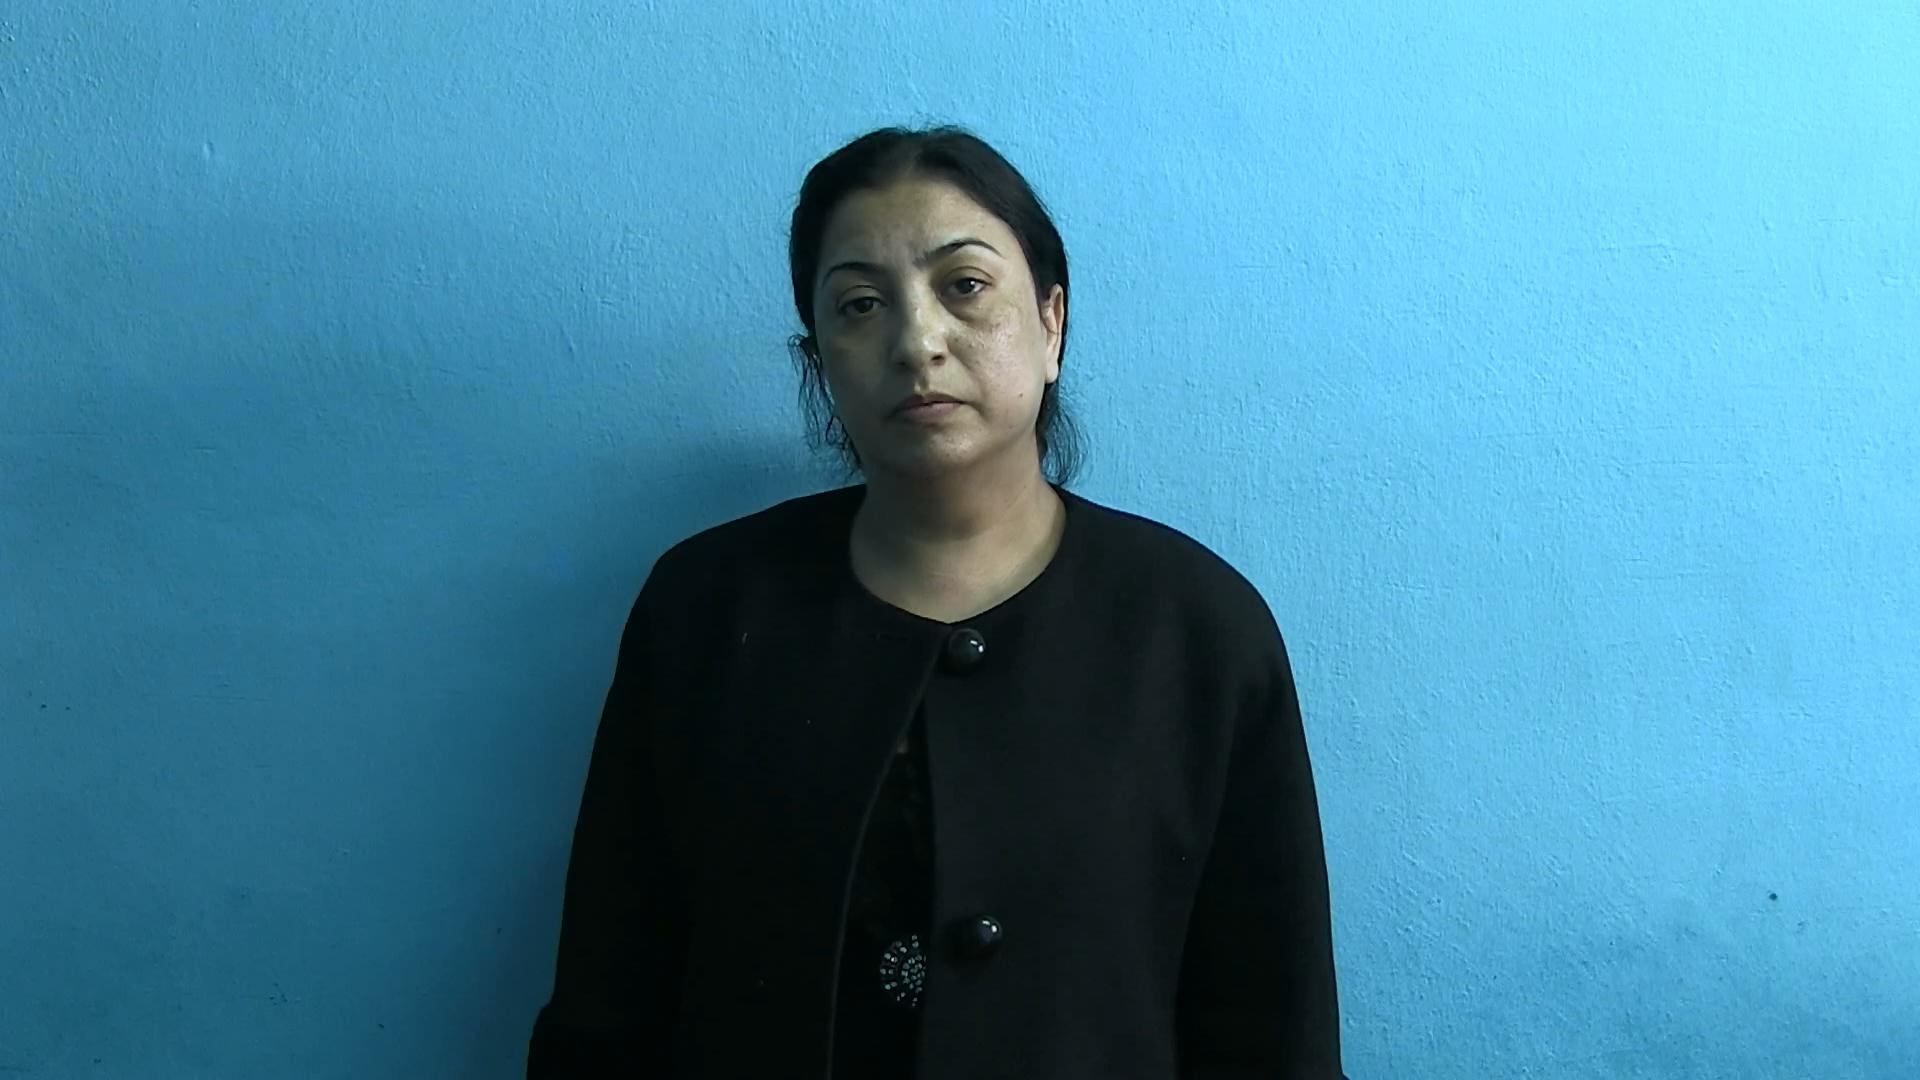 Участница «Битвы экстрасенсов» развела пенсионера на деньги и машину в Екатеринбурге